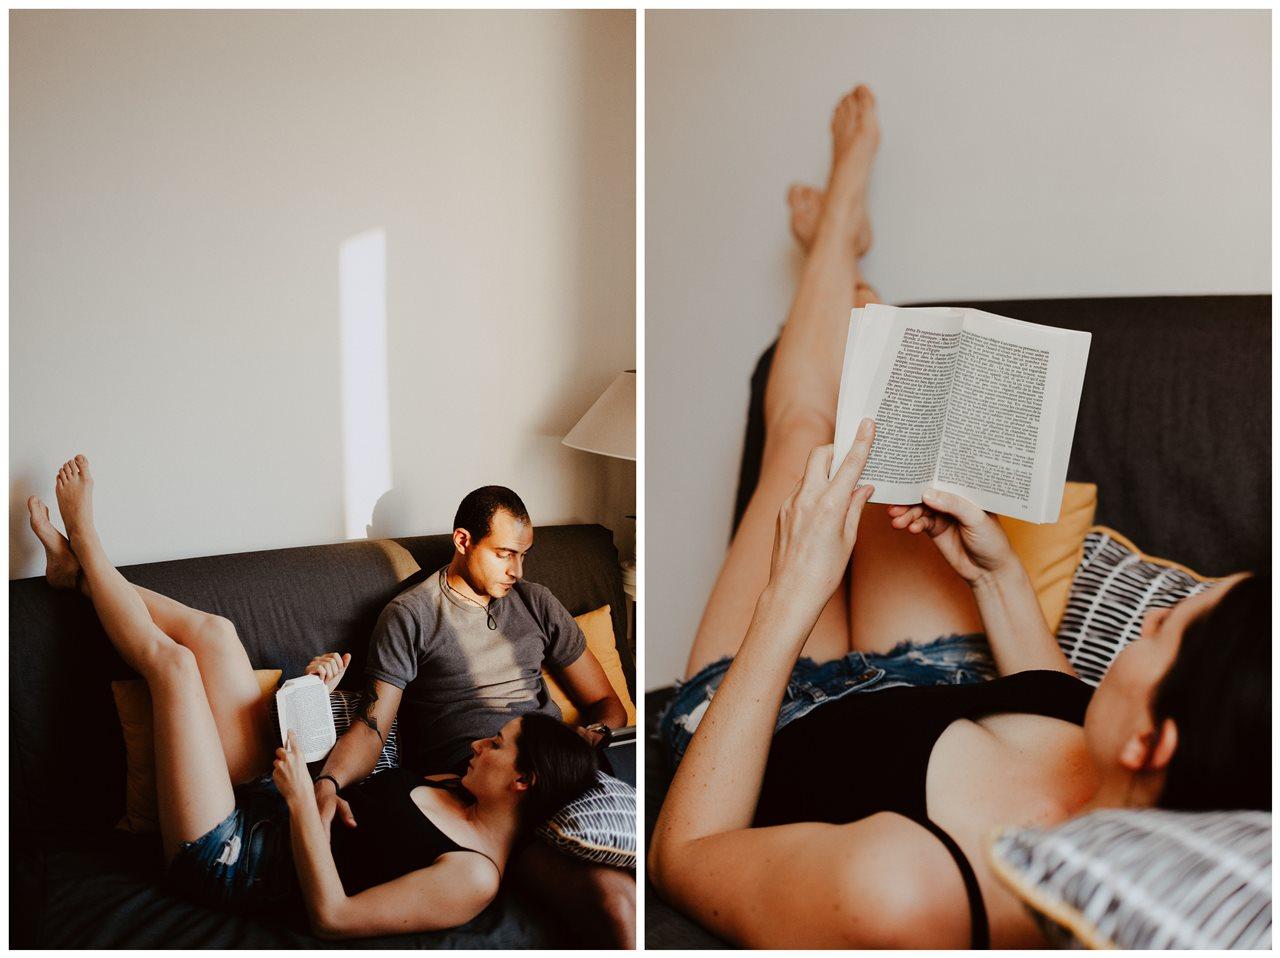 seance-couple-intimiste-maison-détente-canapé-lectures